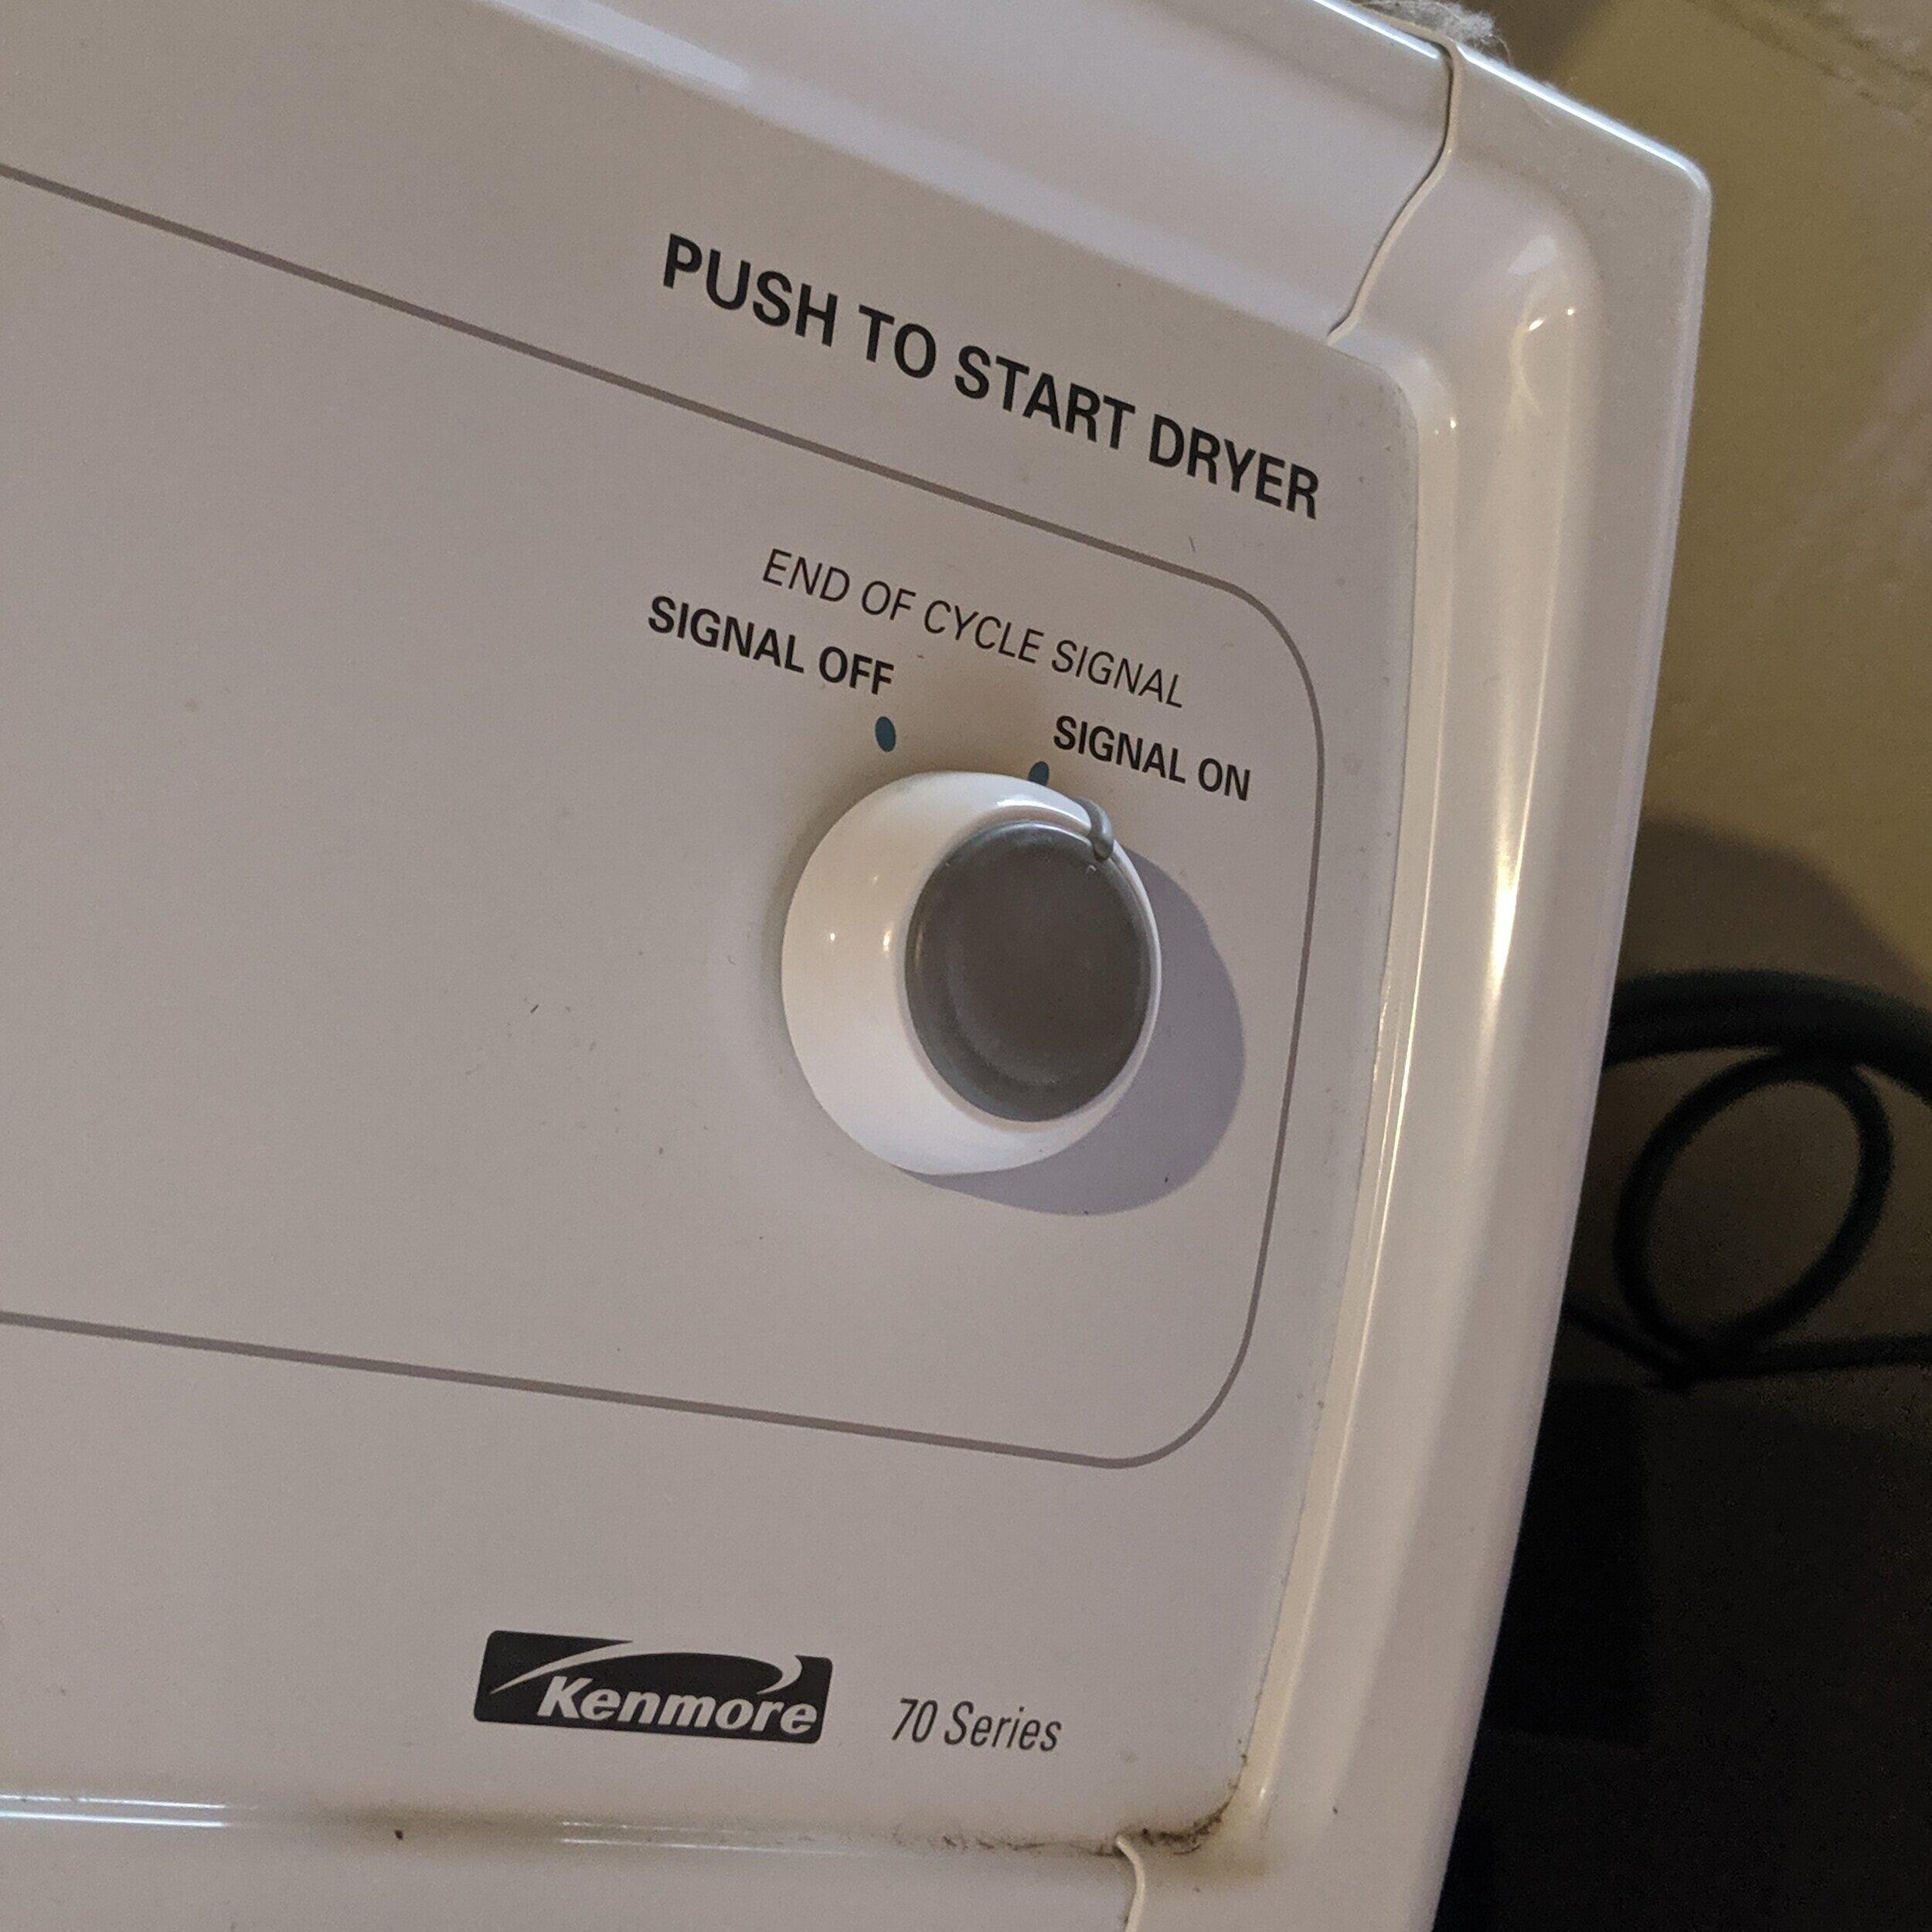 turn-dryer-on.jpg